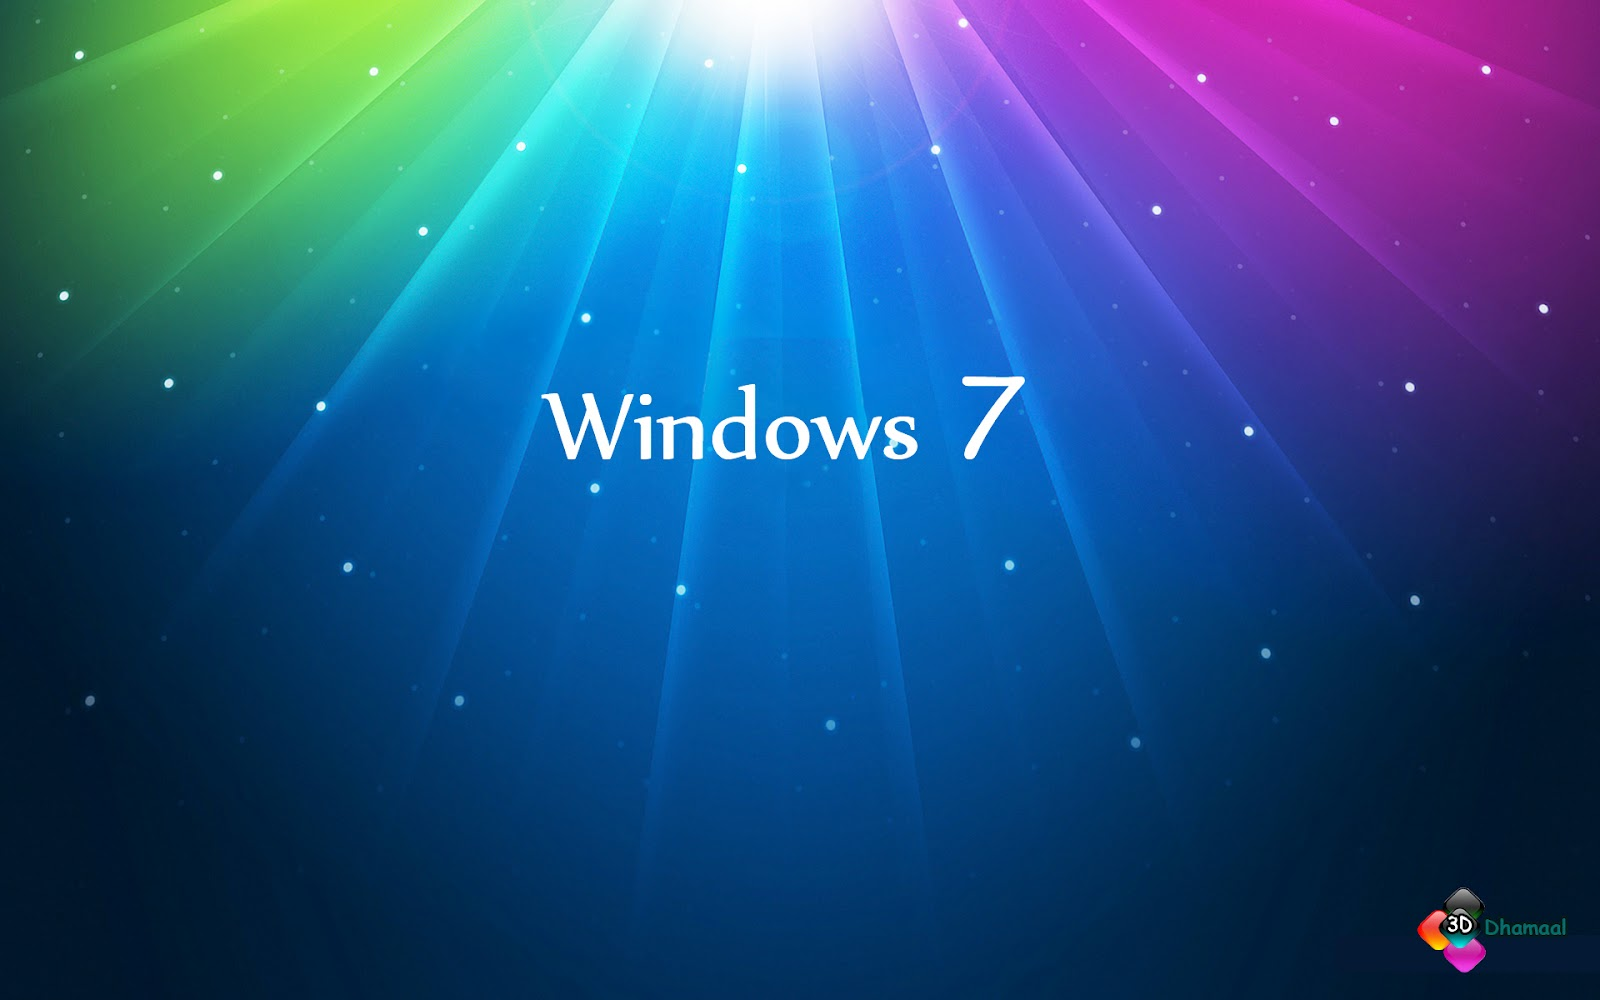 3d wallpaper hd: windows 7 aurora colors wallpaper